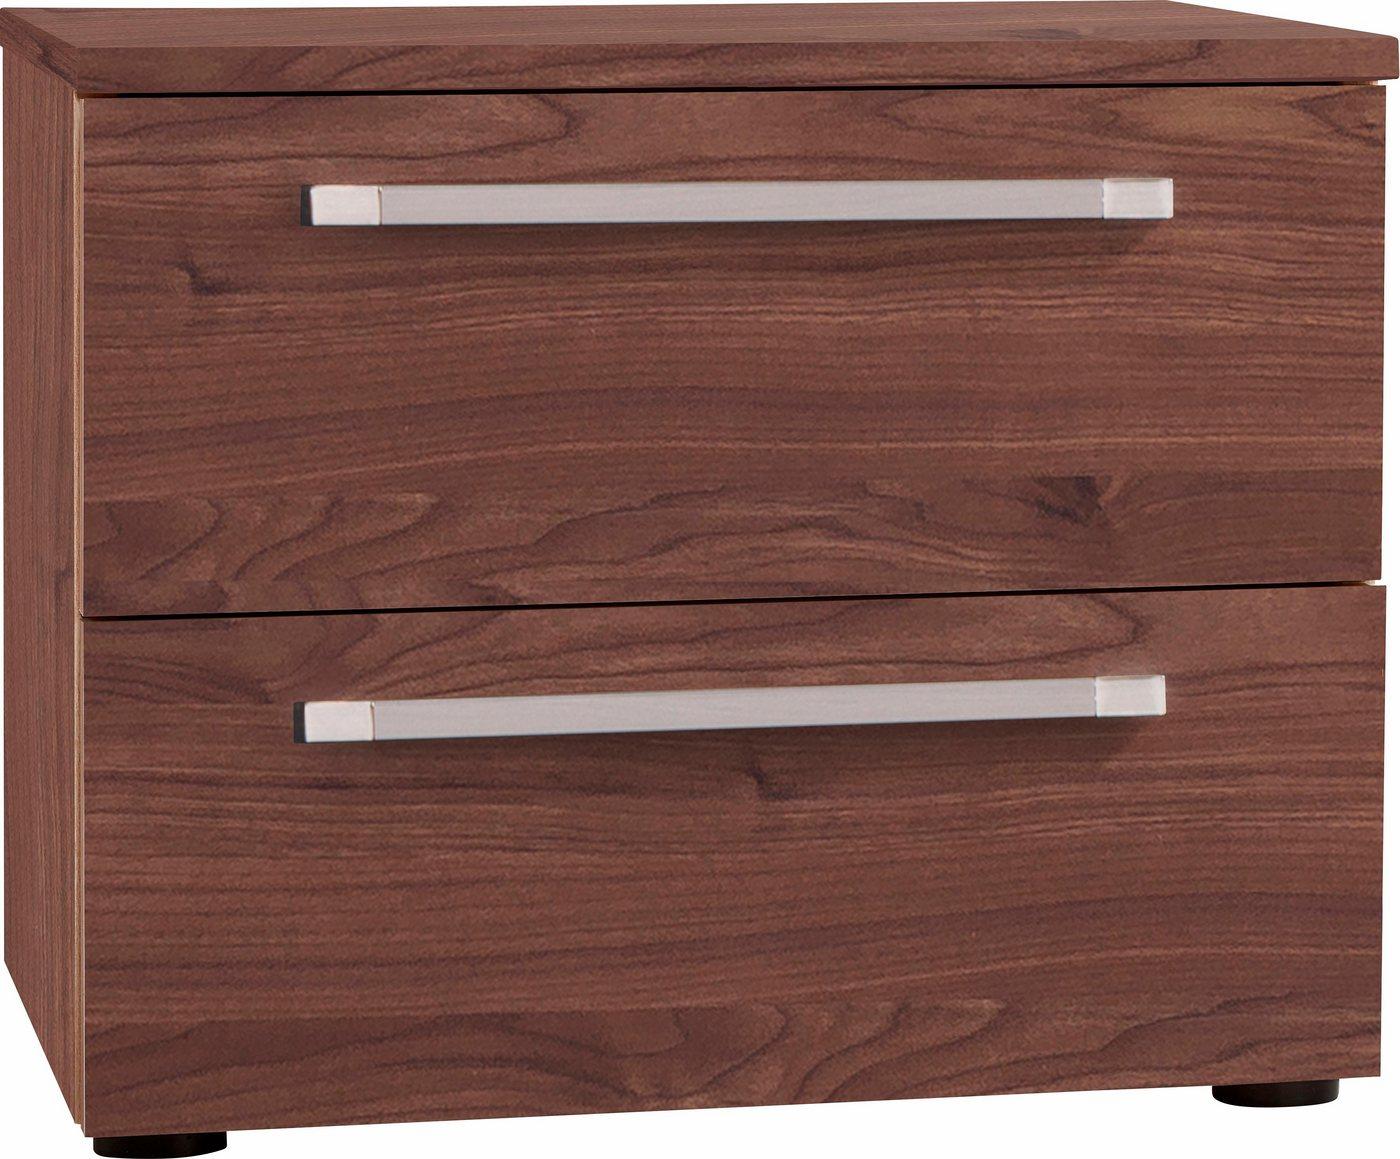 nolte® Möbel Nachttisch»Alegro Basic«, Breite 50 cm | Schlafzimmer > Nachttische | Braun | nolte® Möbel